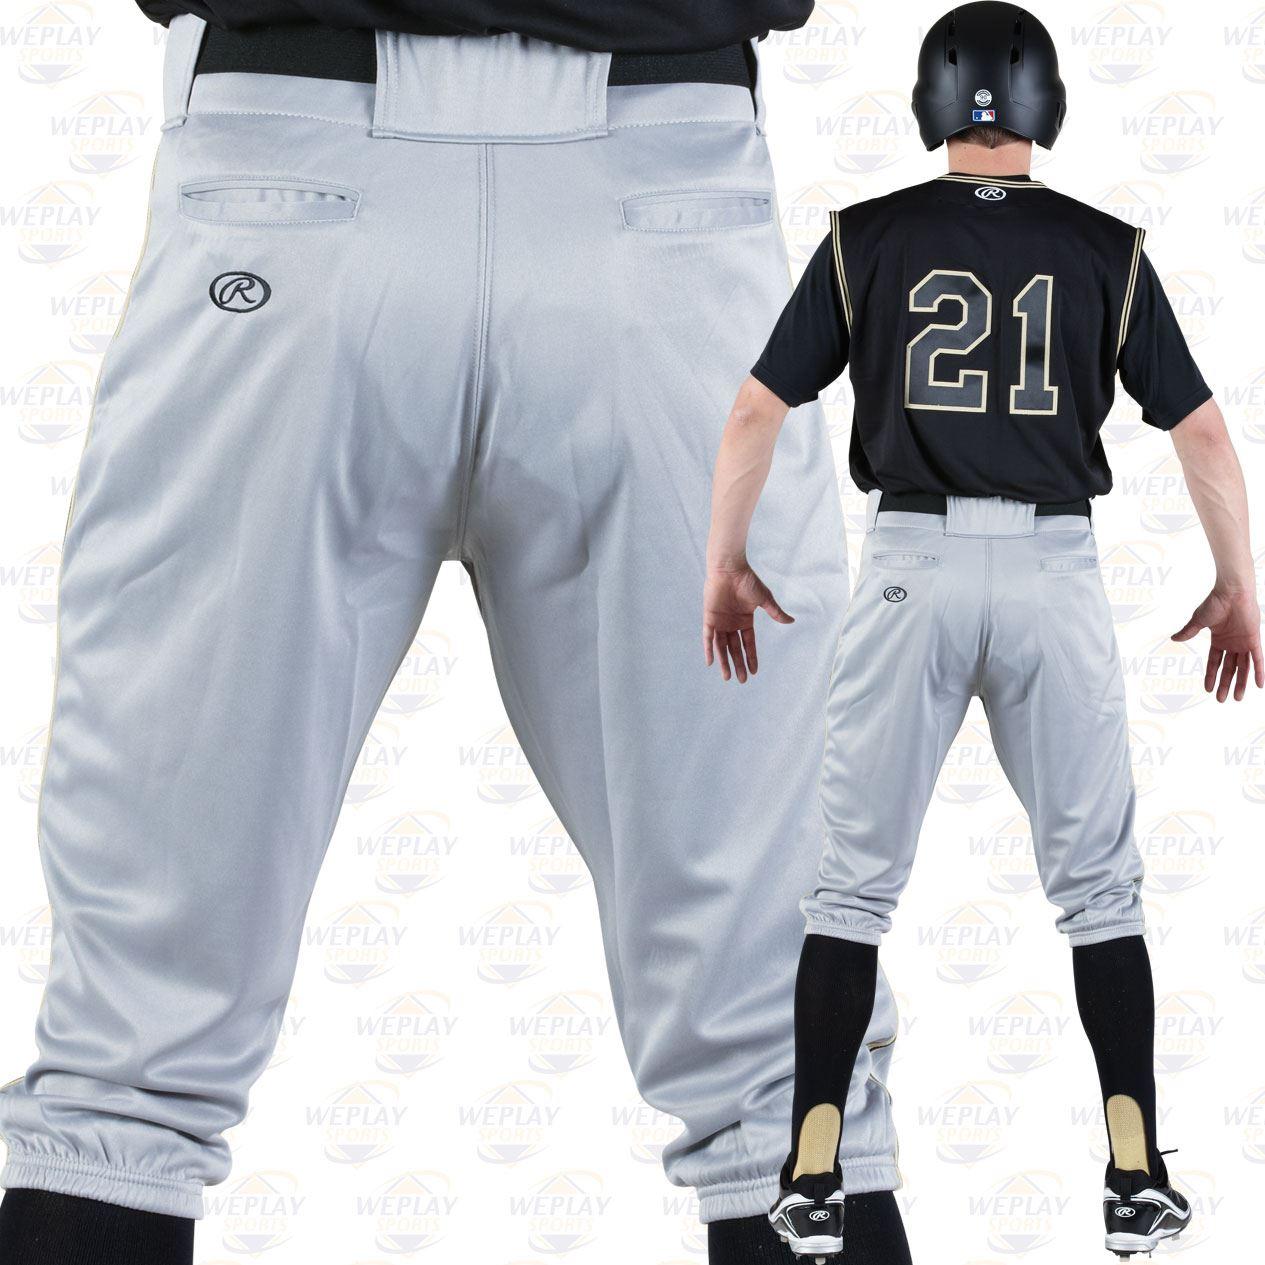 Rawlings Mens Launch Knicker Baseball Pant